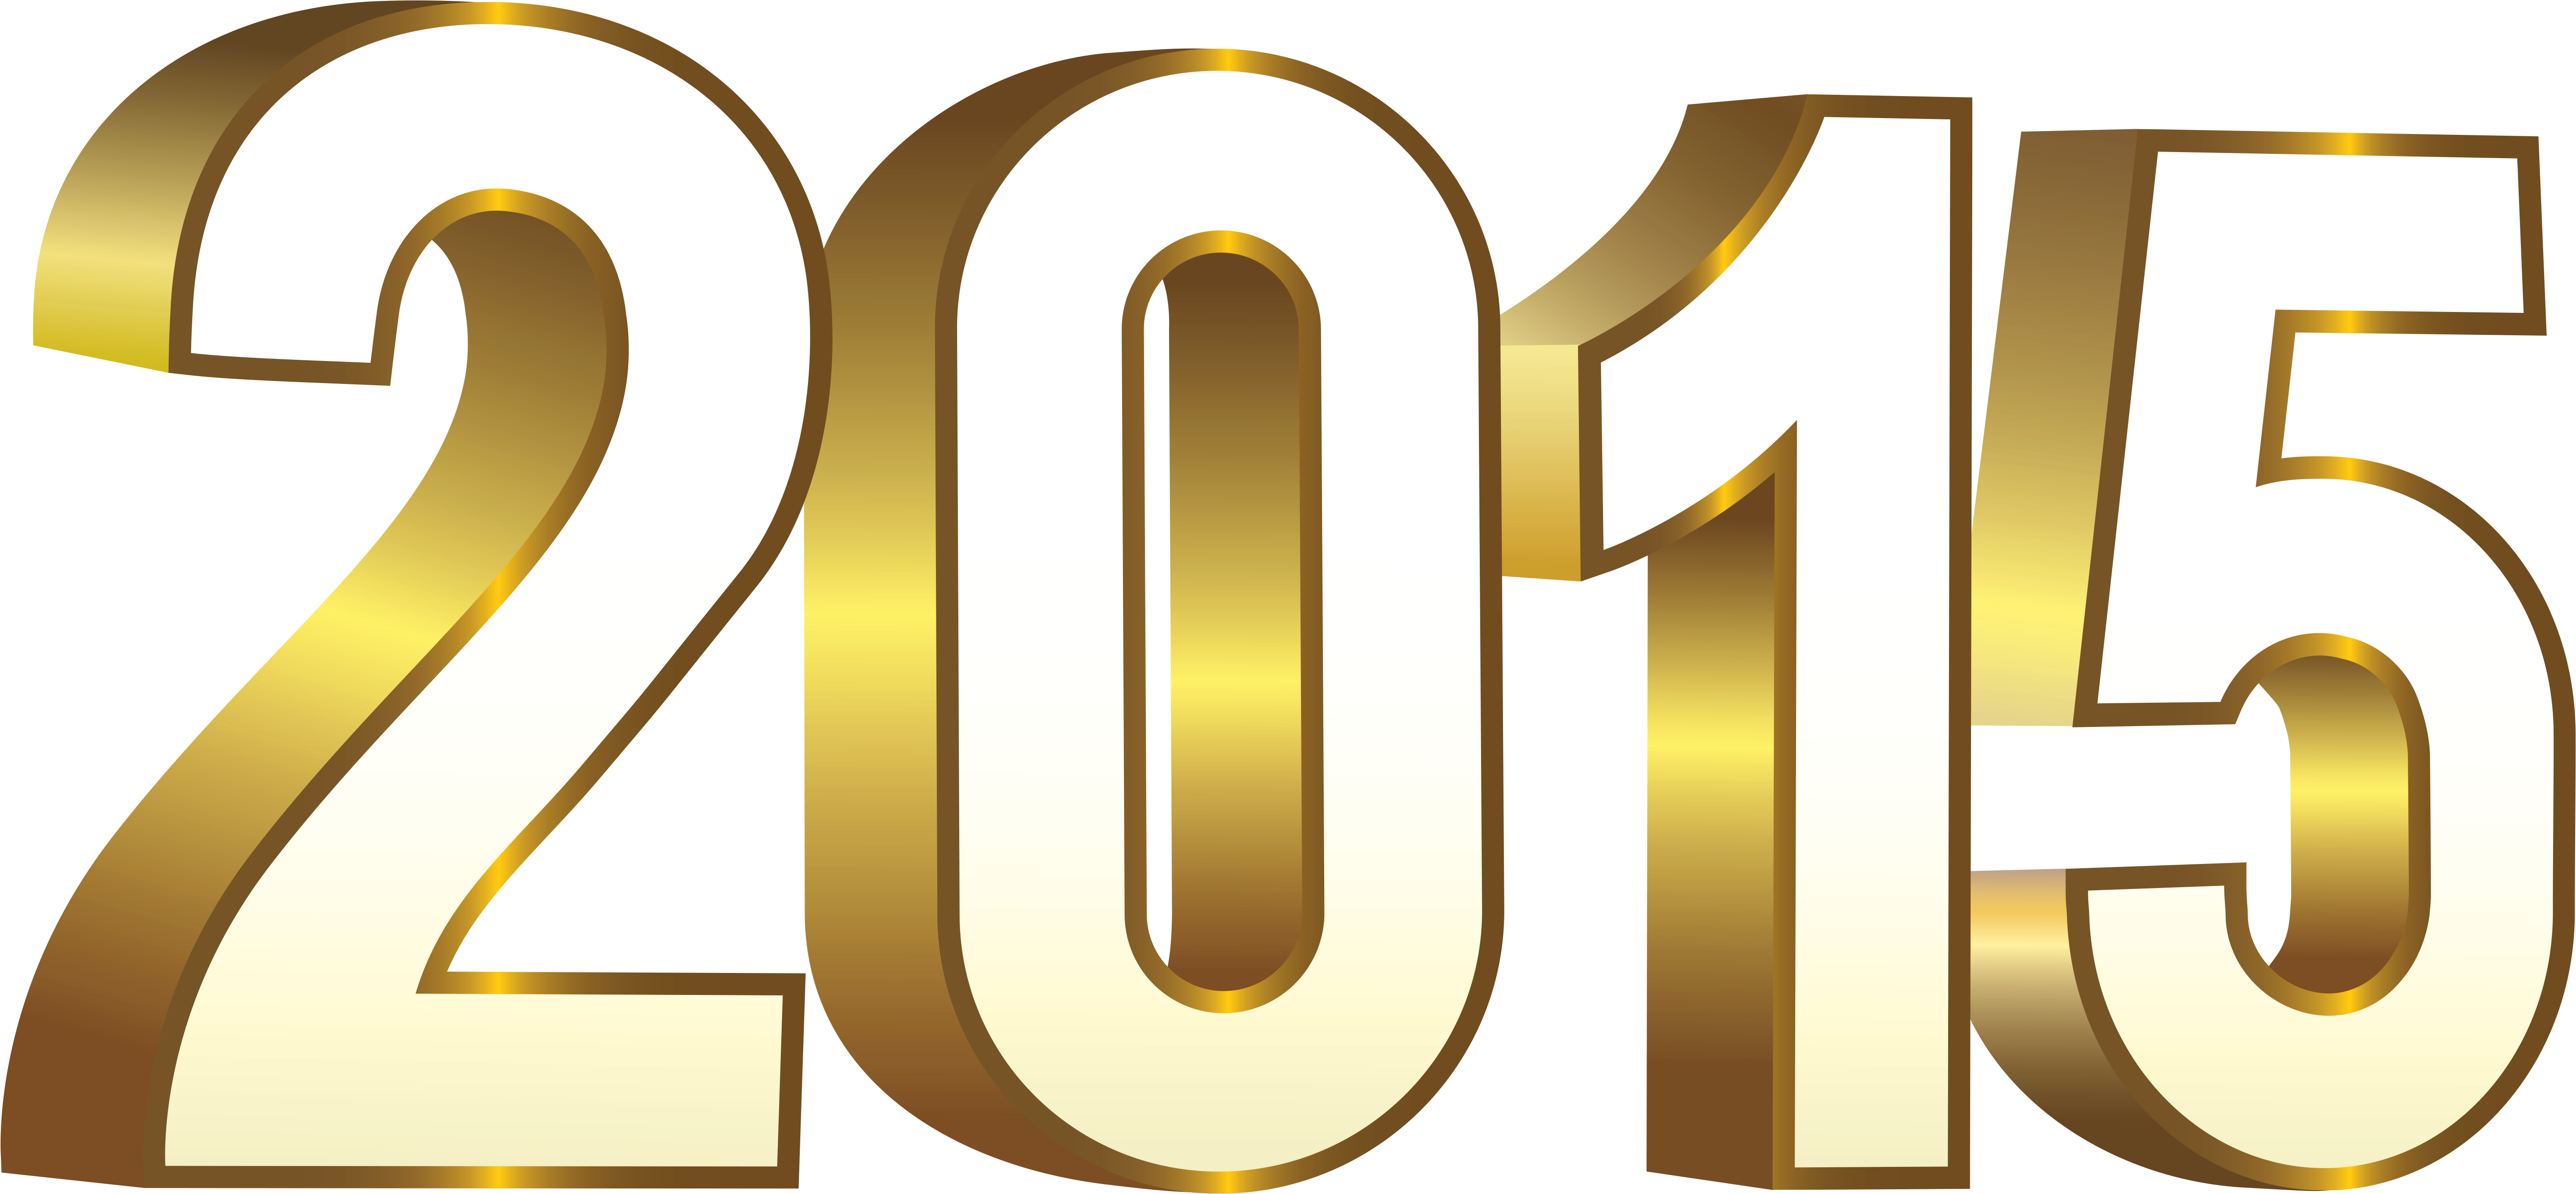 Картинки с надписью 2015 год